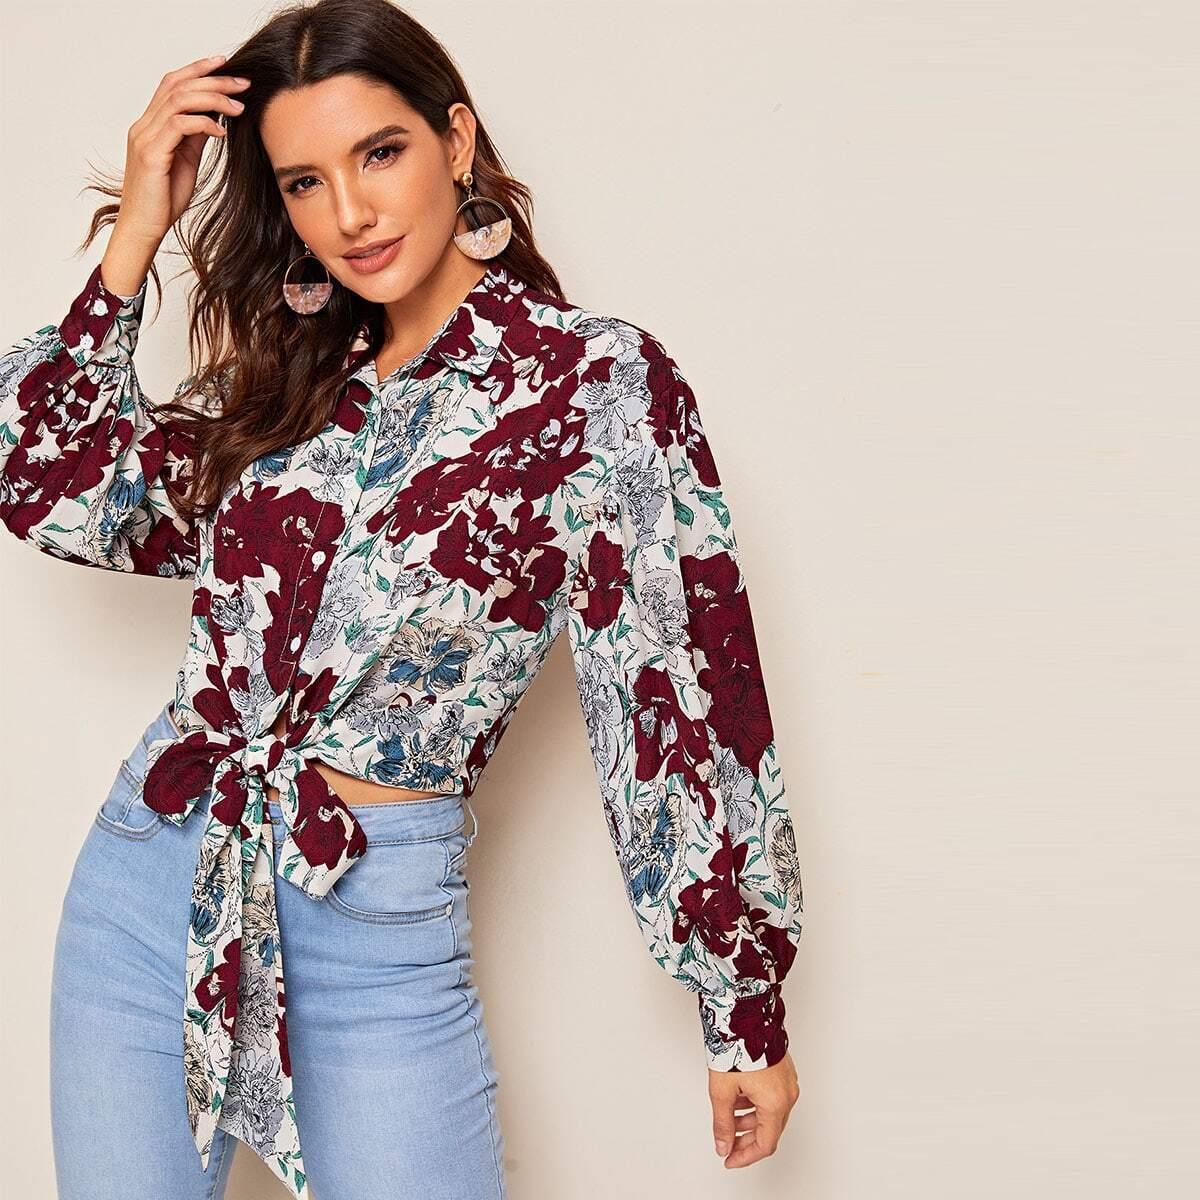 SHEIN / Bluse mit Blumen Muster und Knoten vorn